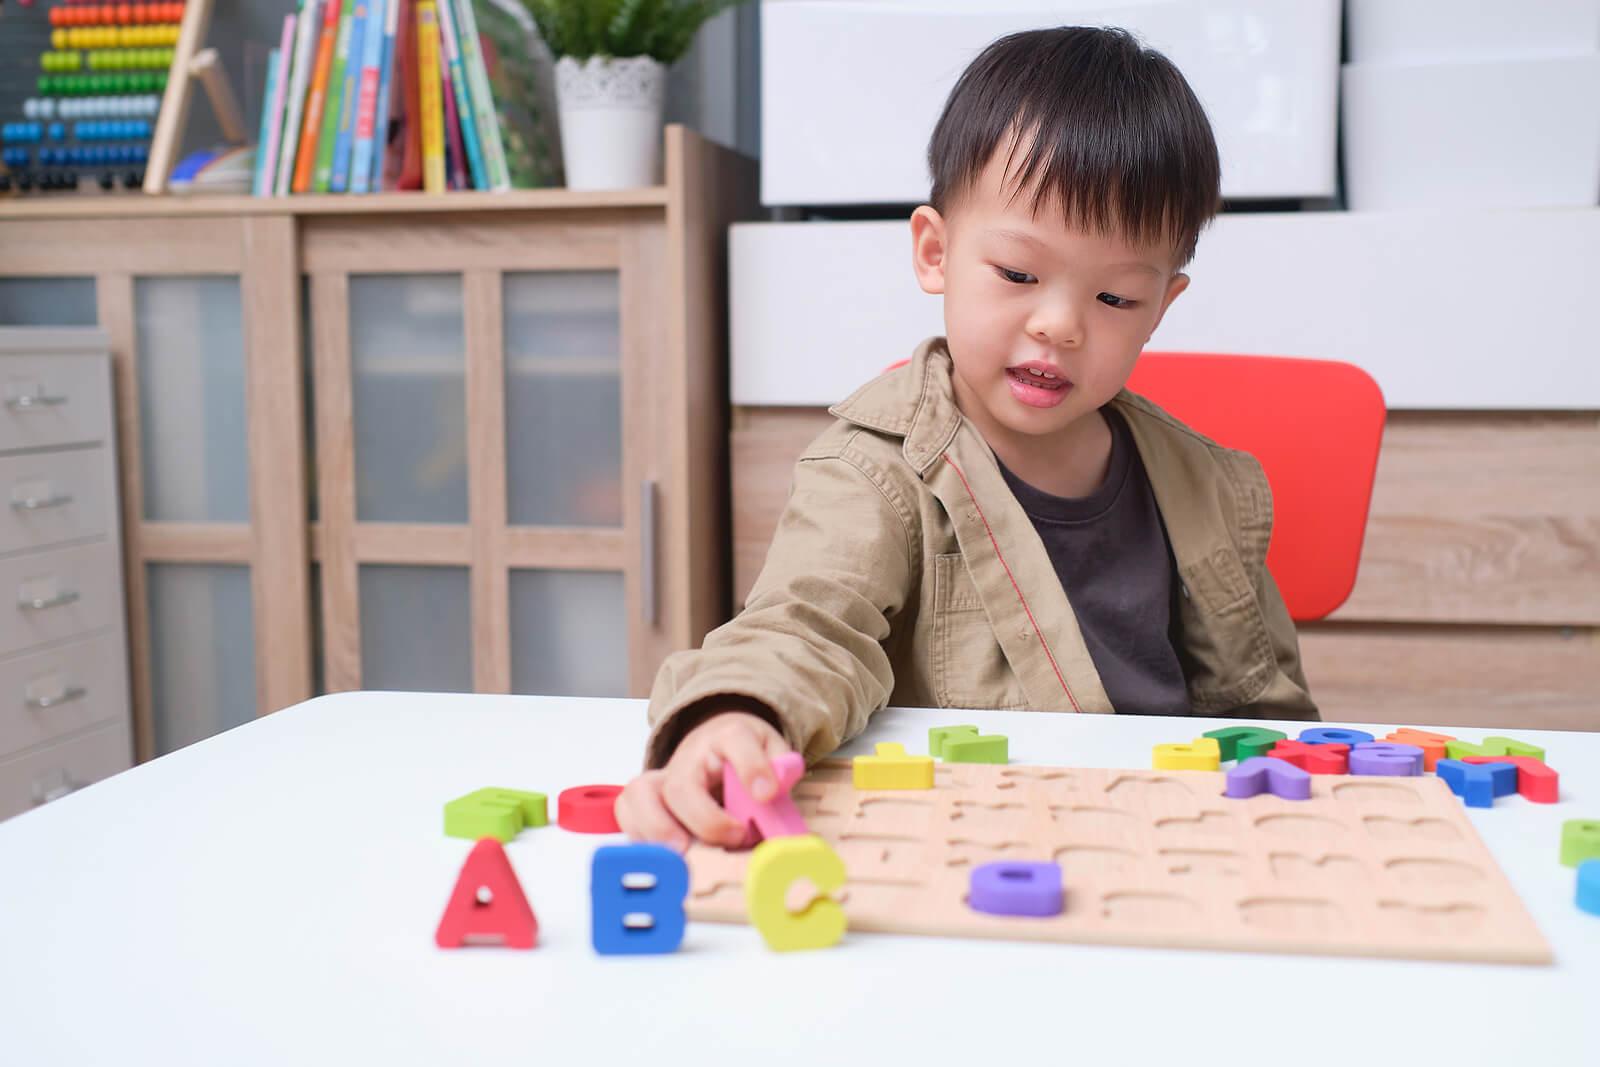 Motivar a los niños con altas capacidades es muy importante para su desarrollo integral.